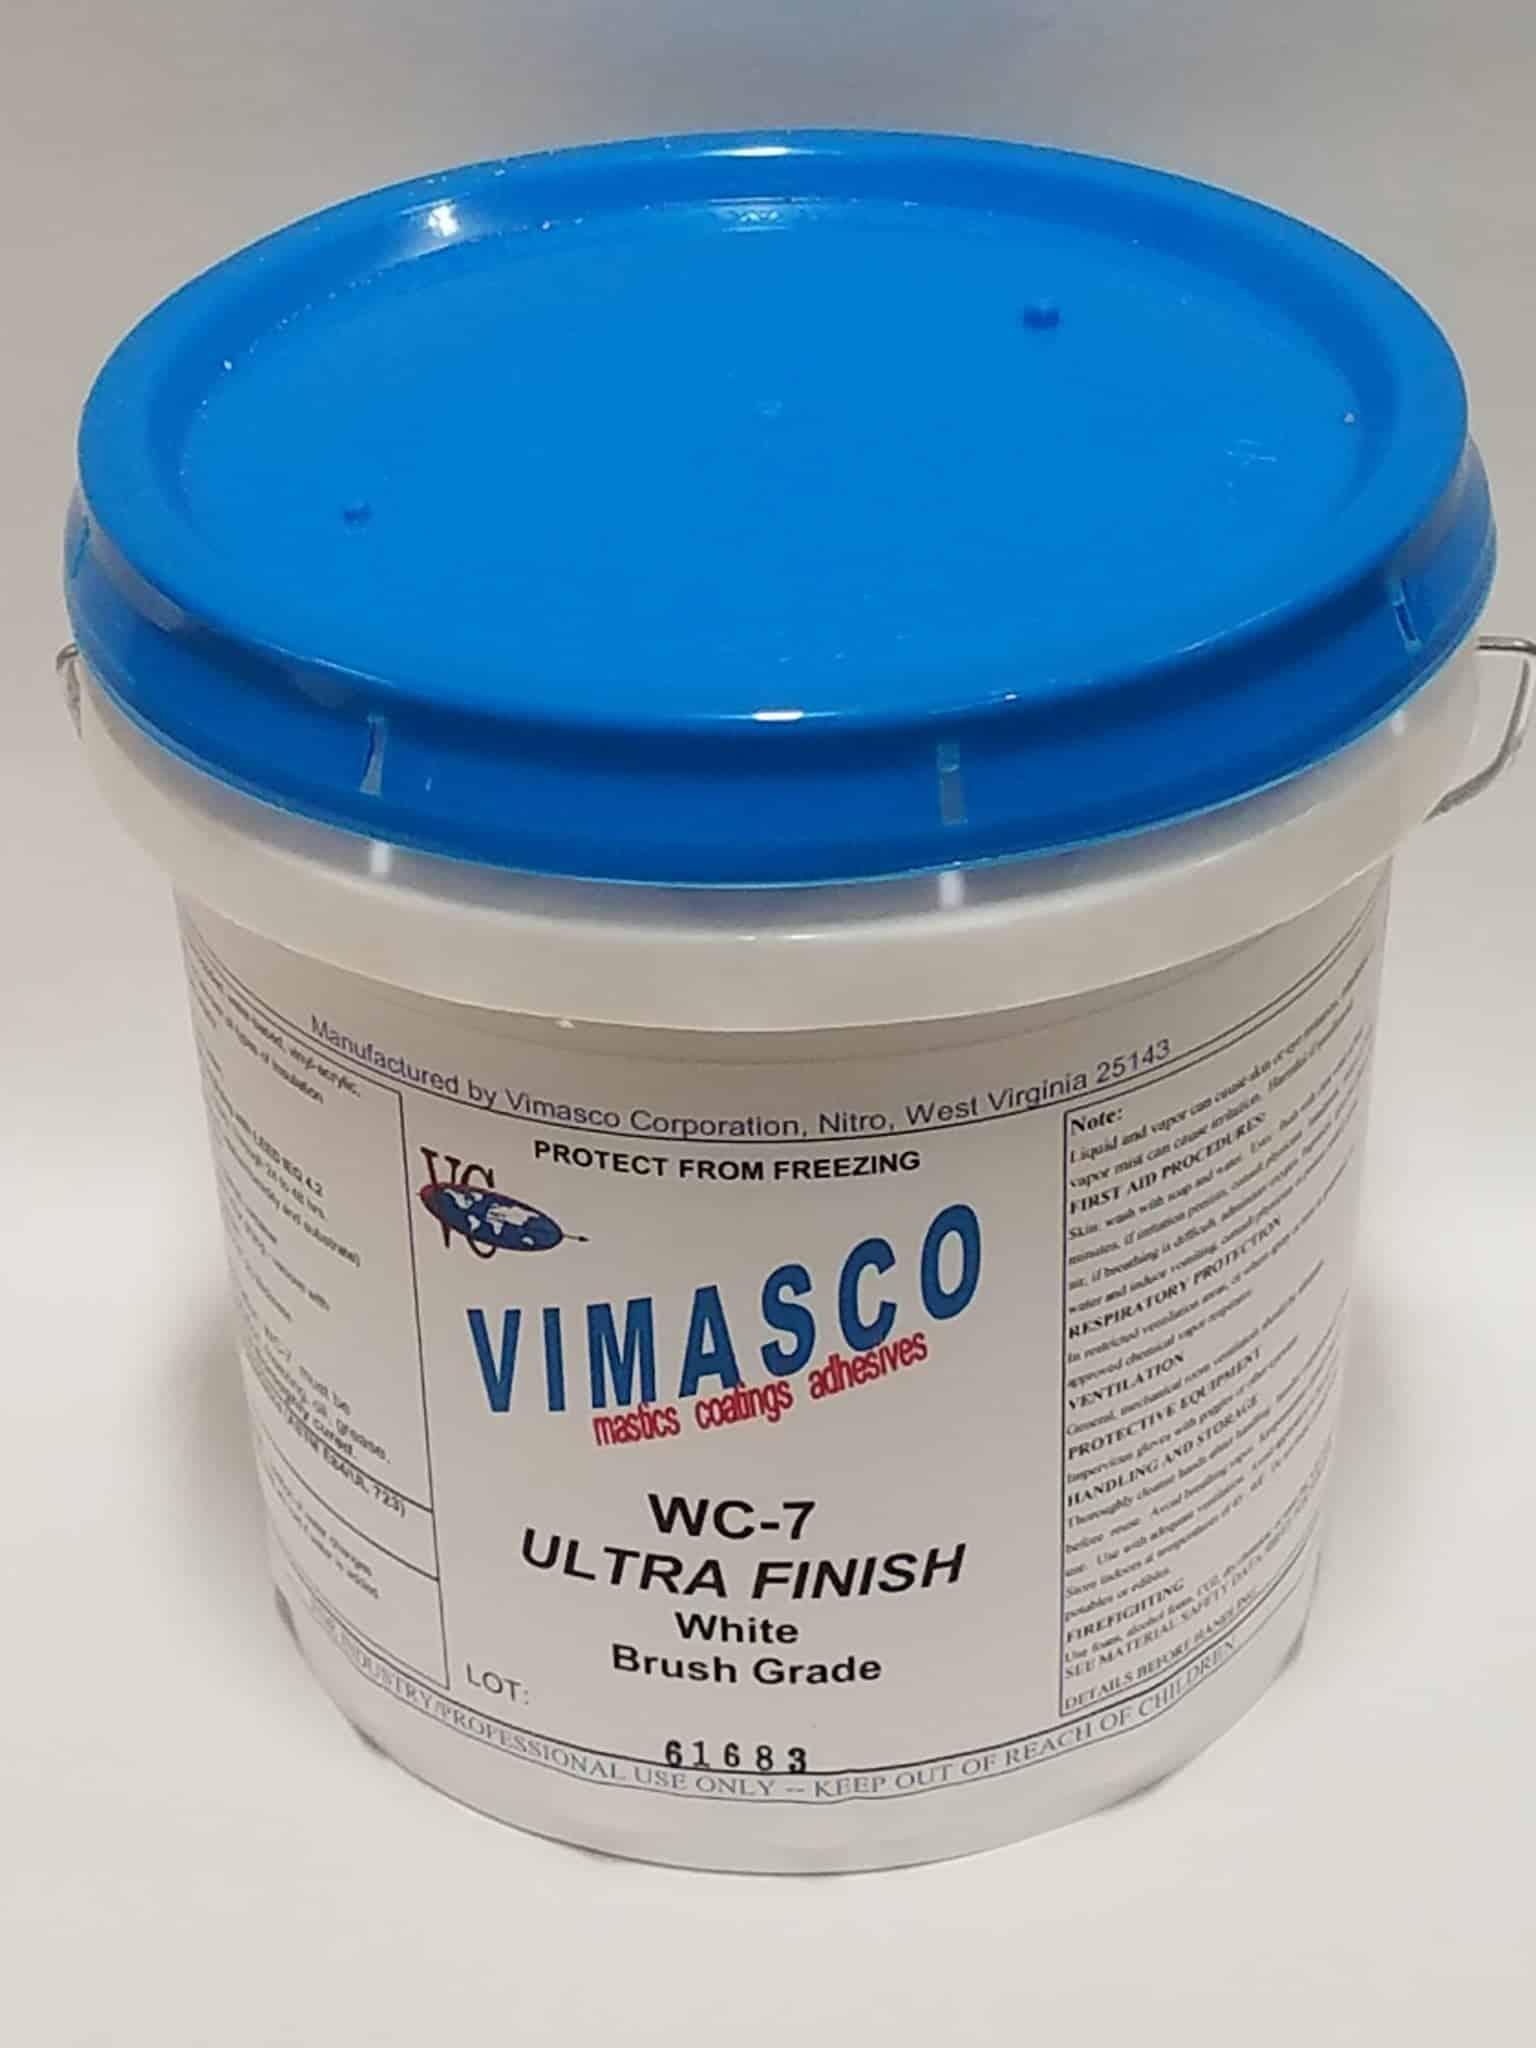 Product Image: Vimasco WC-7 Ultra Finish White Brush Grade